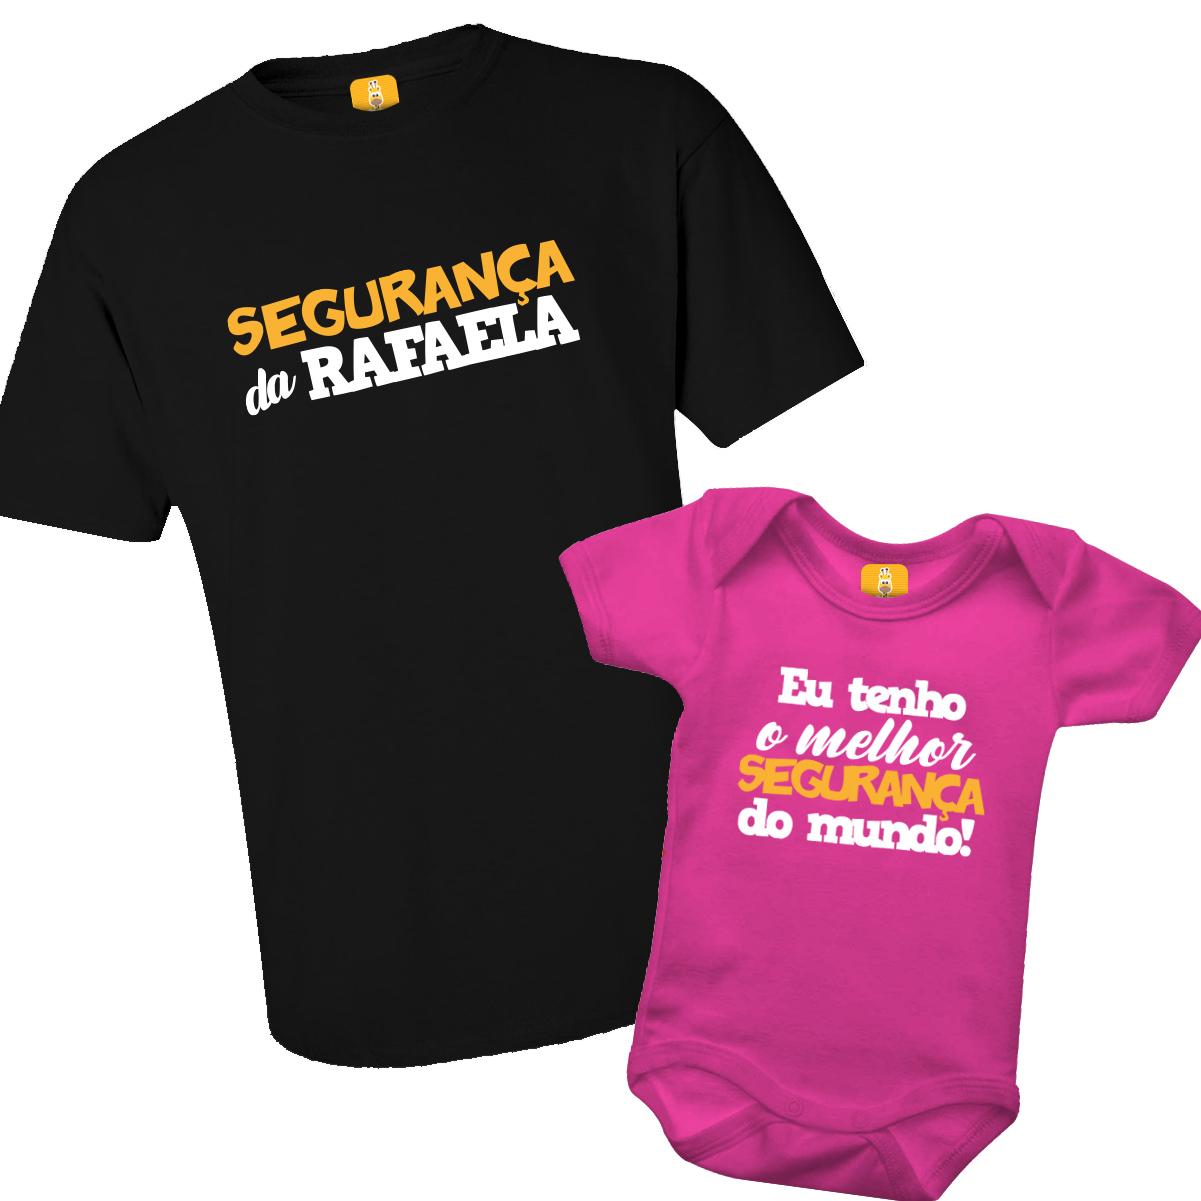 Kit Body e Camiseta - Tal Pai Tal Filha - Papai Segurança - Pai de Menina